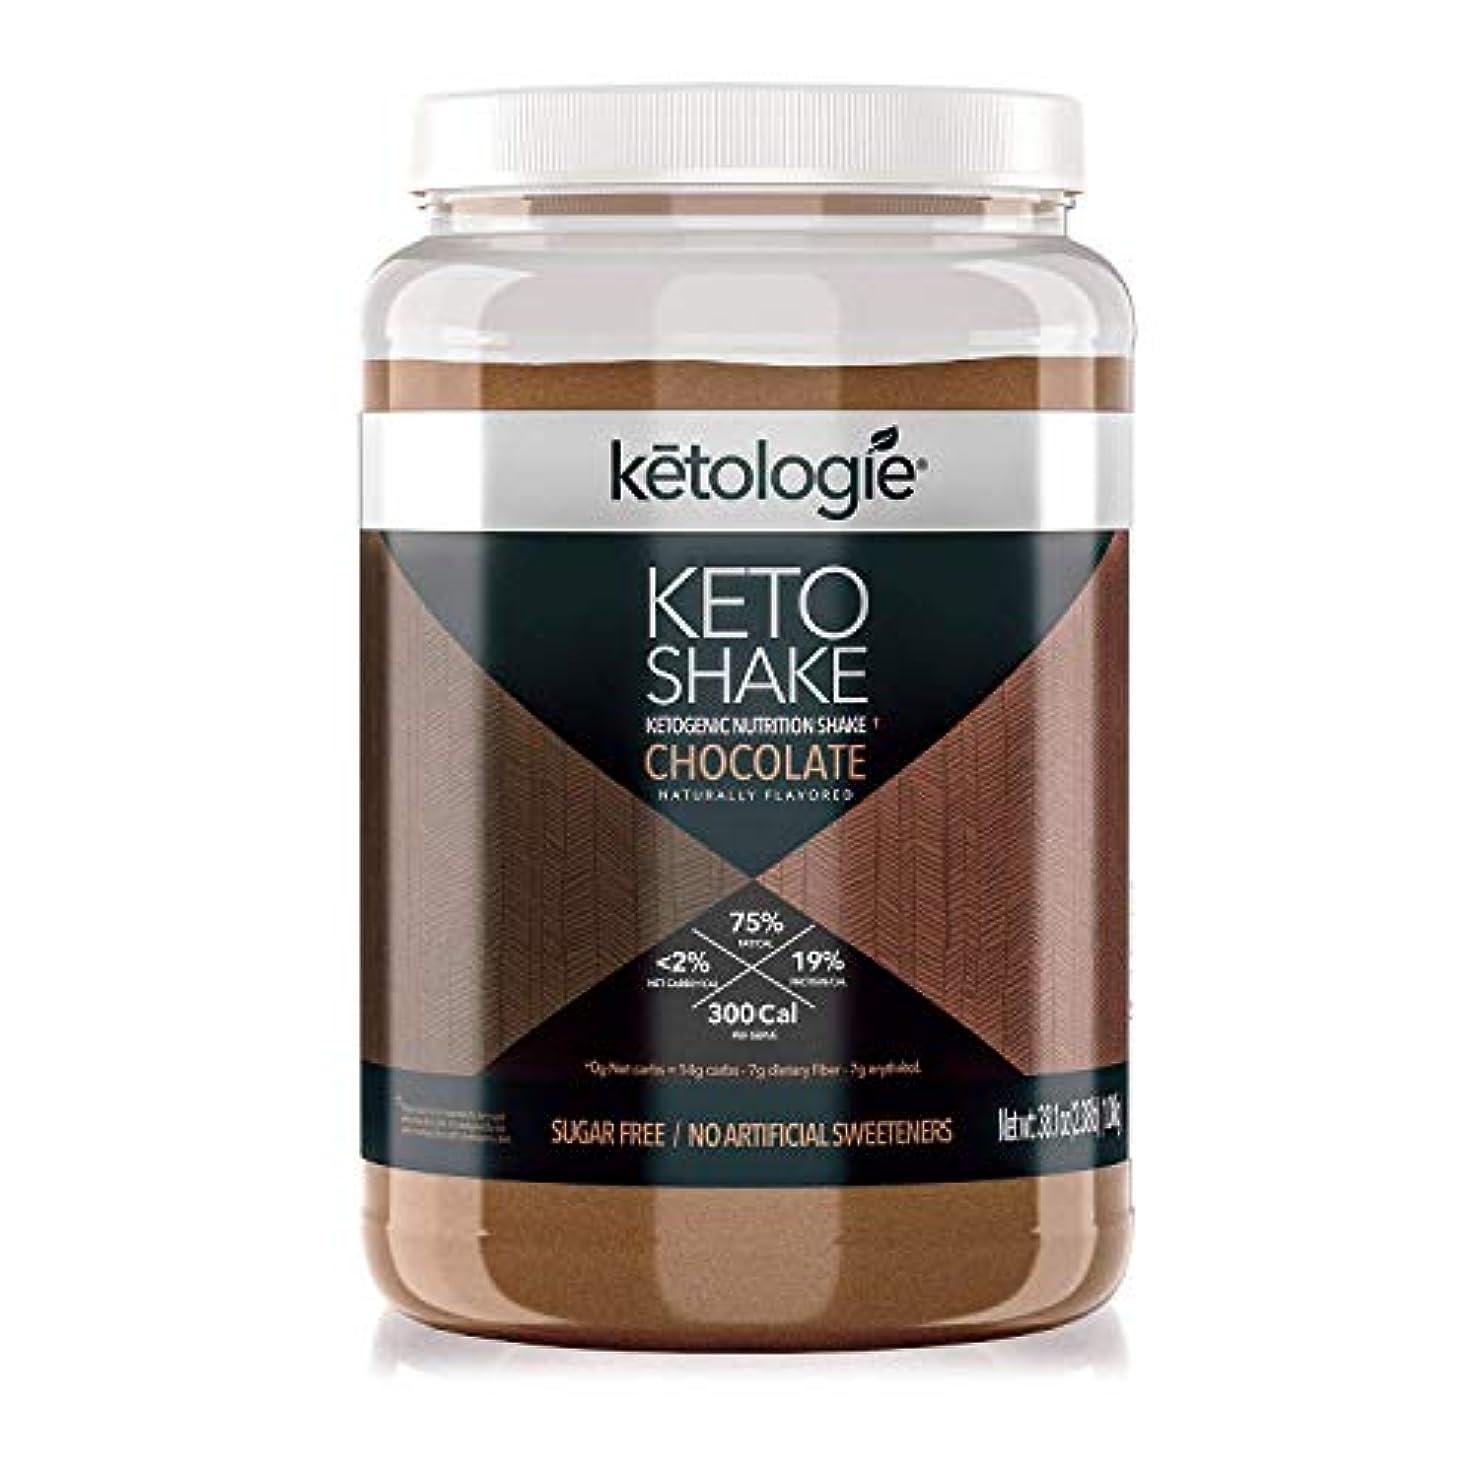 肌寒い神経行列[Ketologie] [コラーゲンケトシェイク(チョコレート)Collagen Keto Shake (Chocolate)]